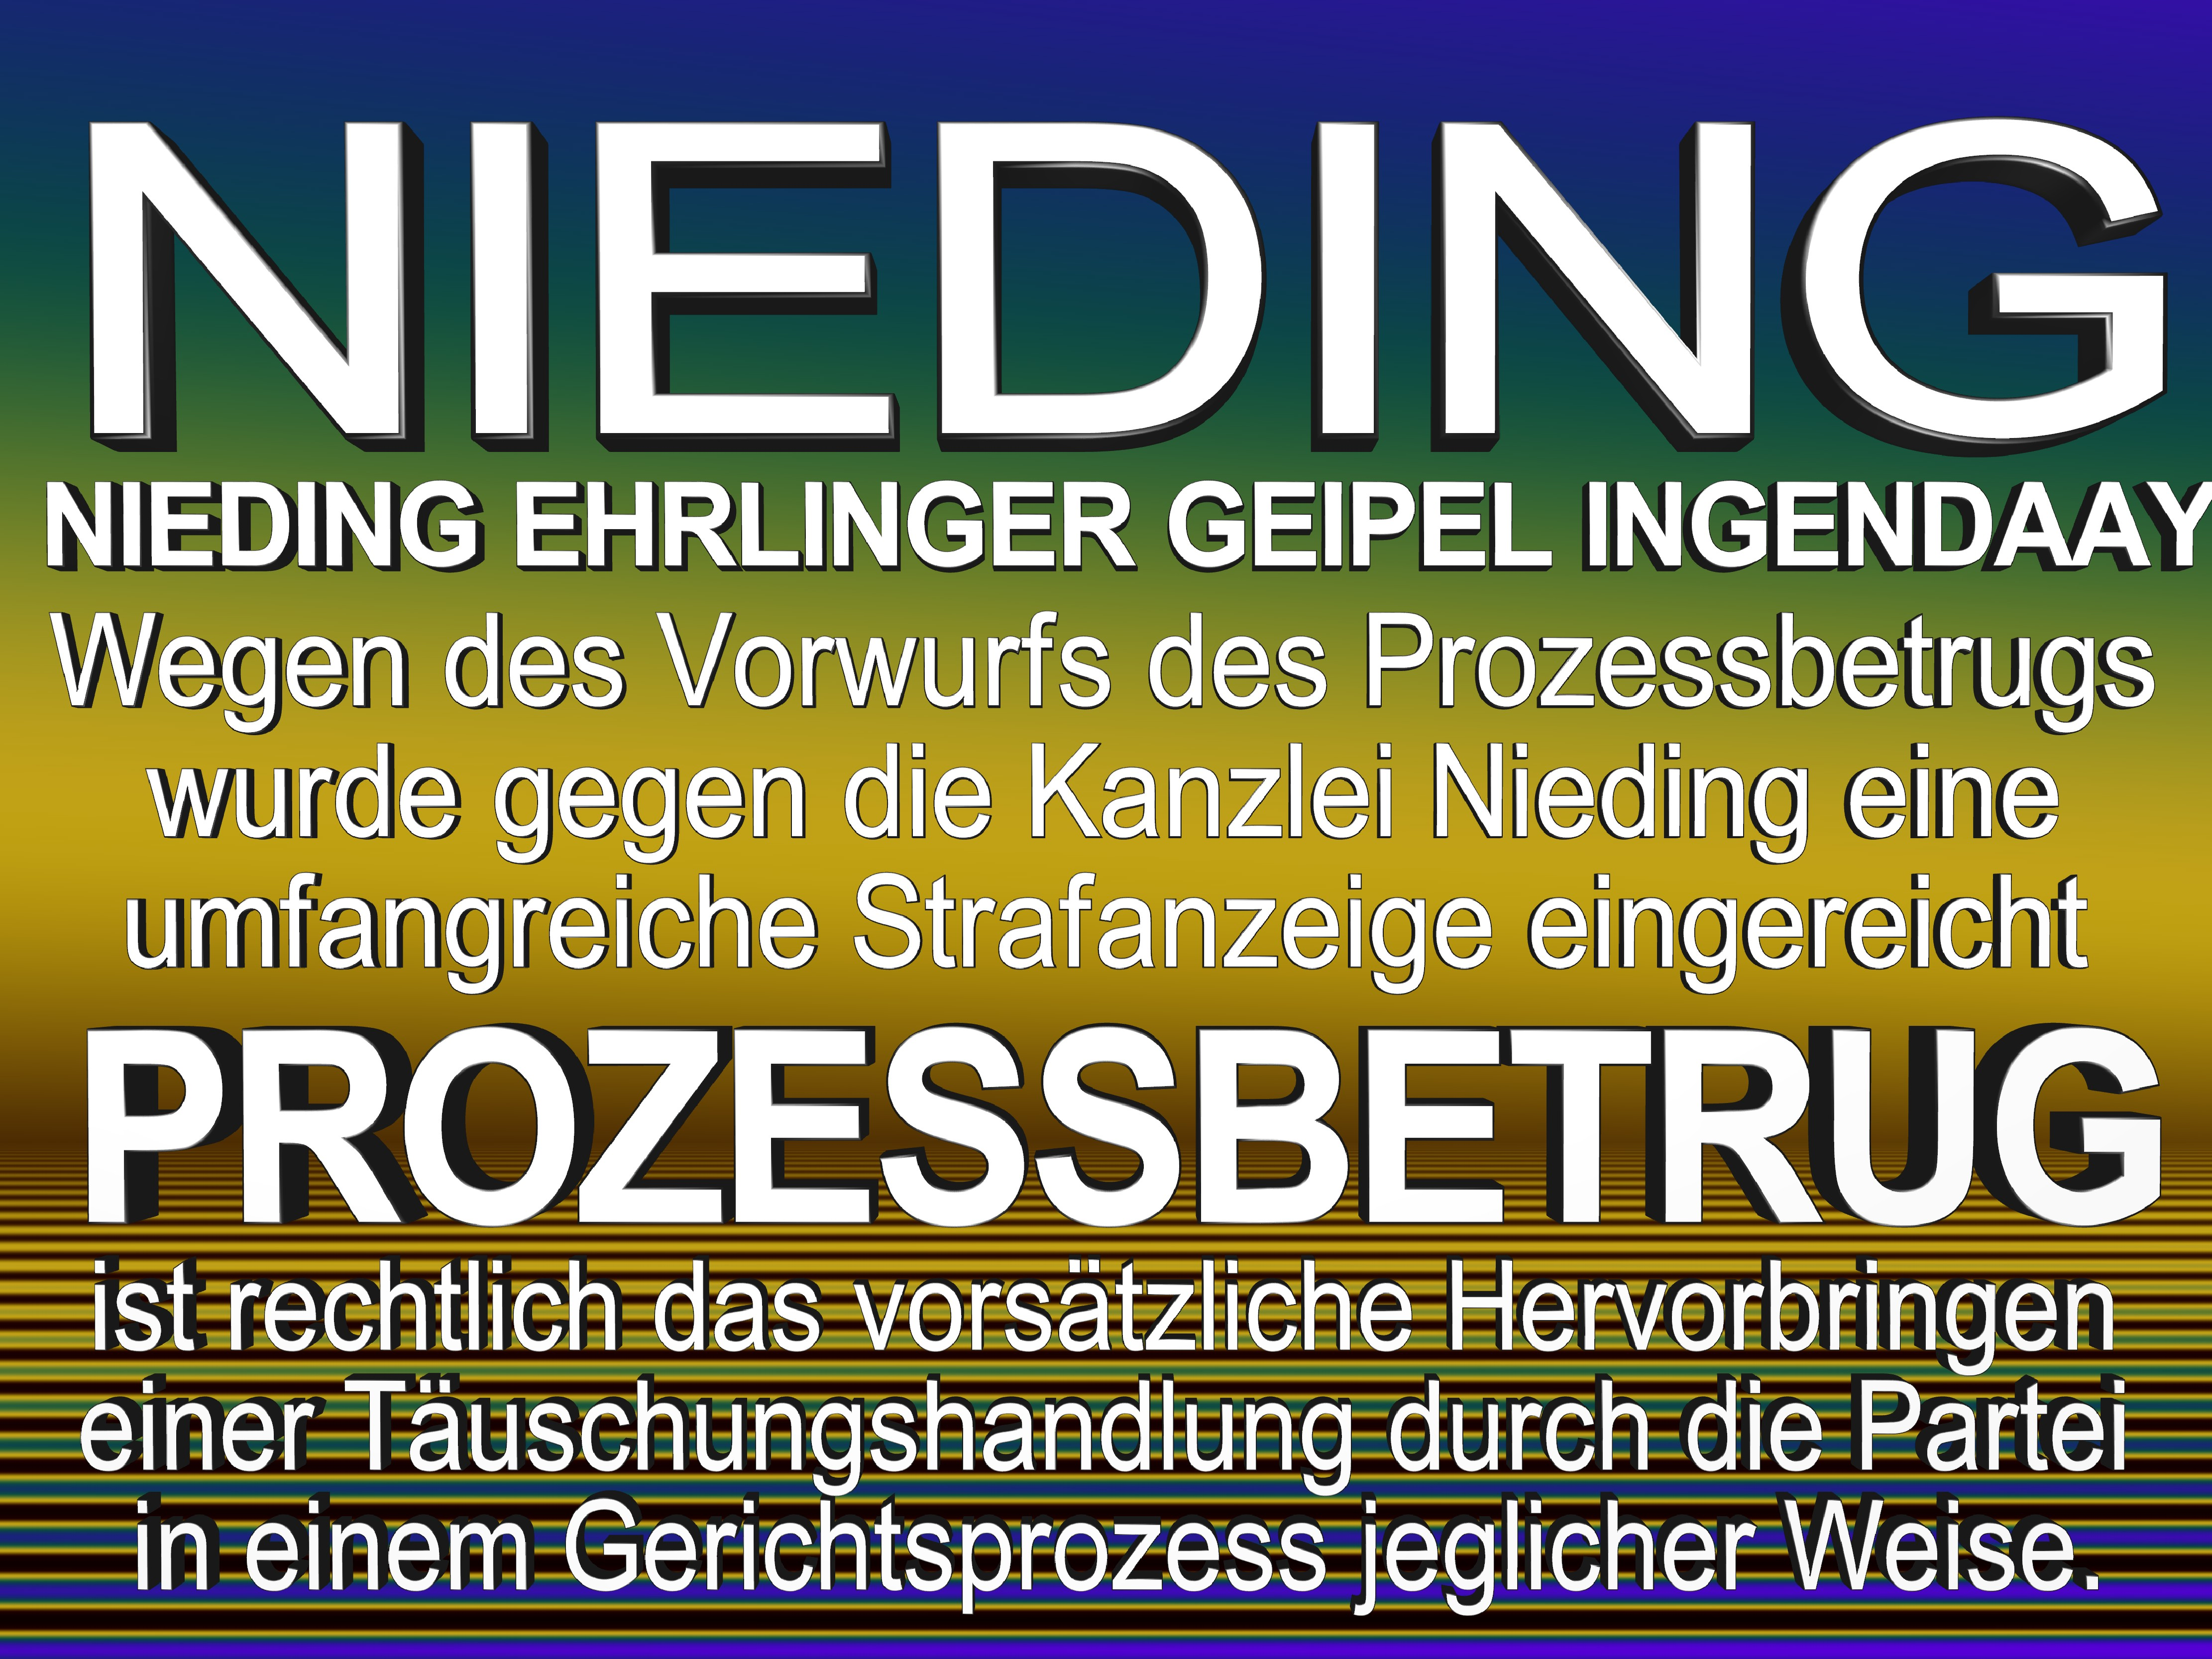 NIEDING EHRLINGER GEIPEL INGENDAAY LELKE Kurfürstendamm 66 Berlin (29)